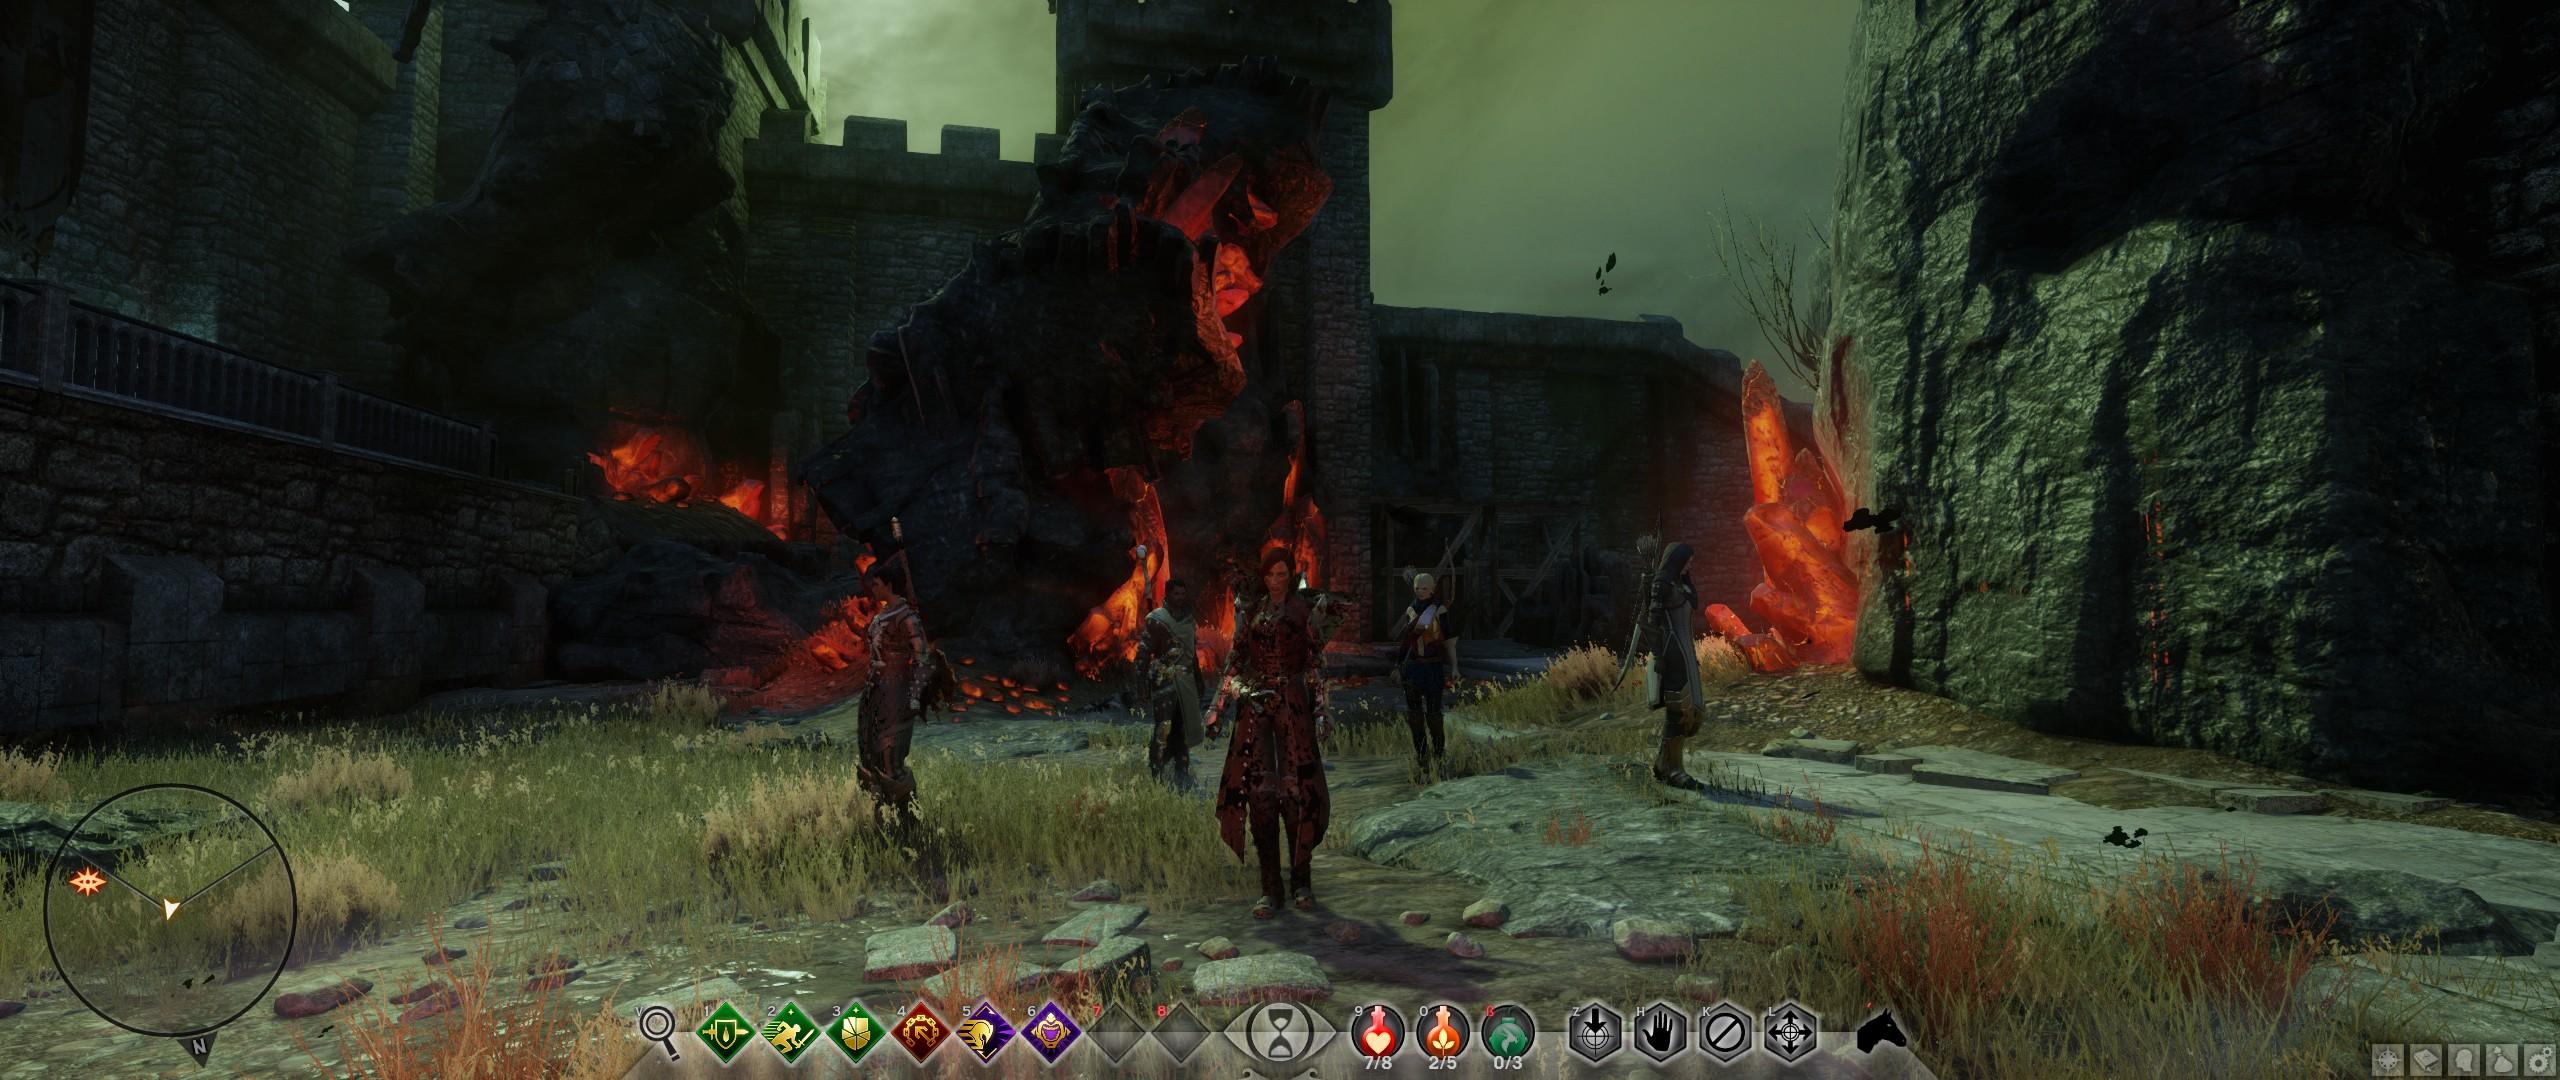 ScreenshotWin32_0061_Final